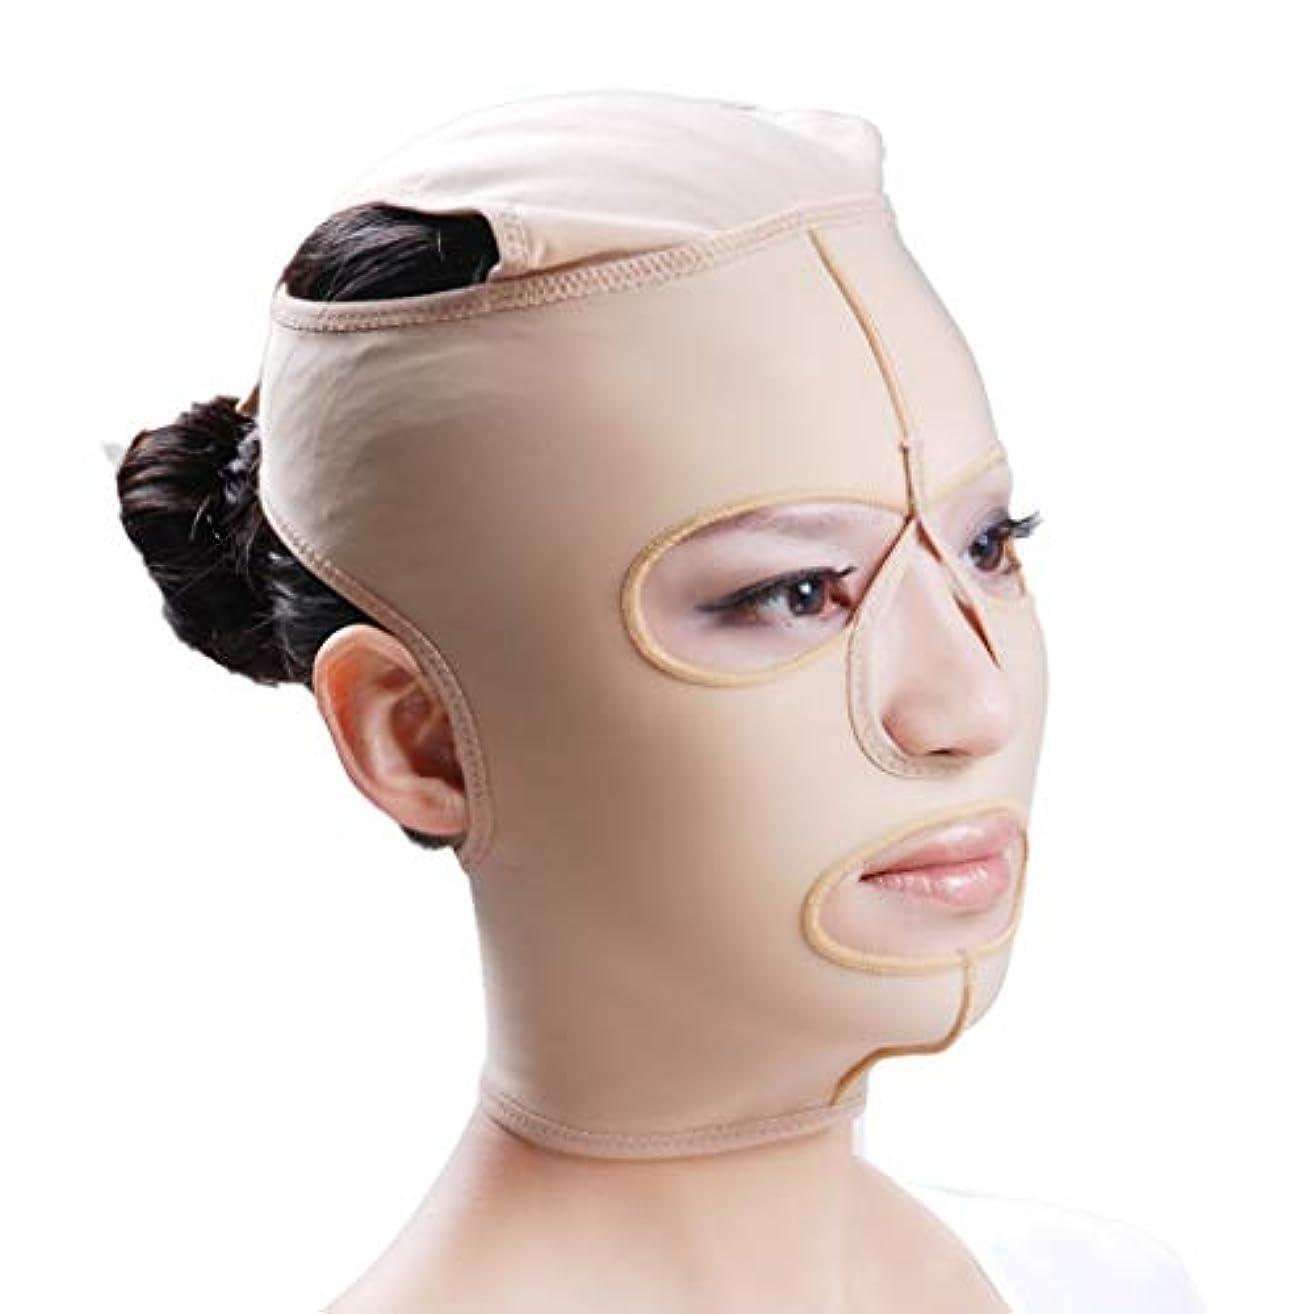 大事にする稚魚ルームXHLMRMJ フェイスリフトマスク、フルフェイスマスク医療グレード圧力フェイスダブルチンプラスチック脂肪吸引術弾性包帯ヘッドギア後の顔の脂肪吸引術 (Size : M)